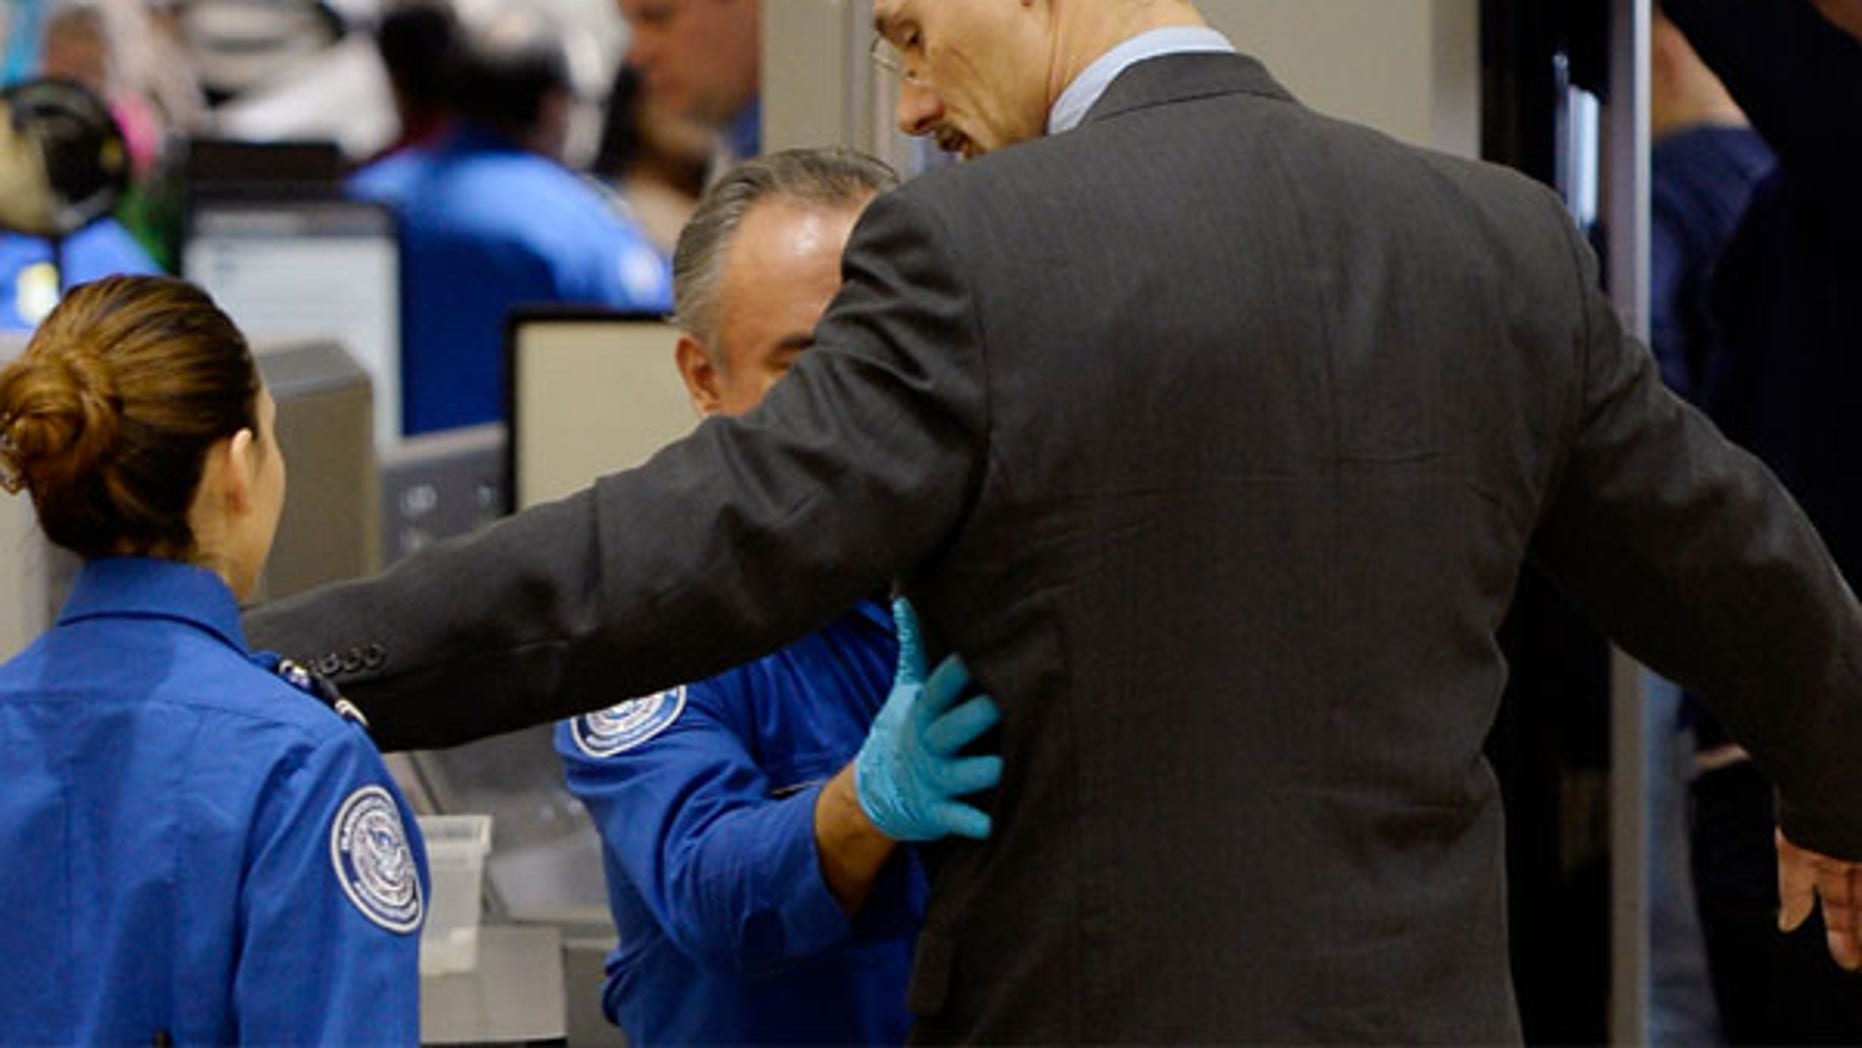 FILE: TSA agents pat-down a passenger at Los Angeles international Airport.